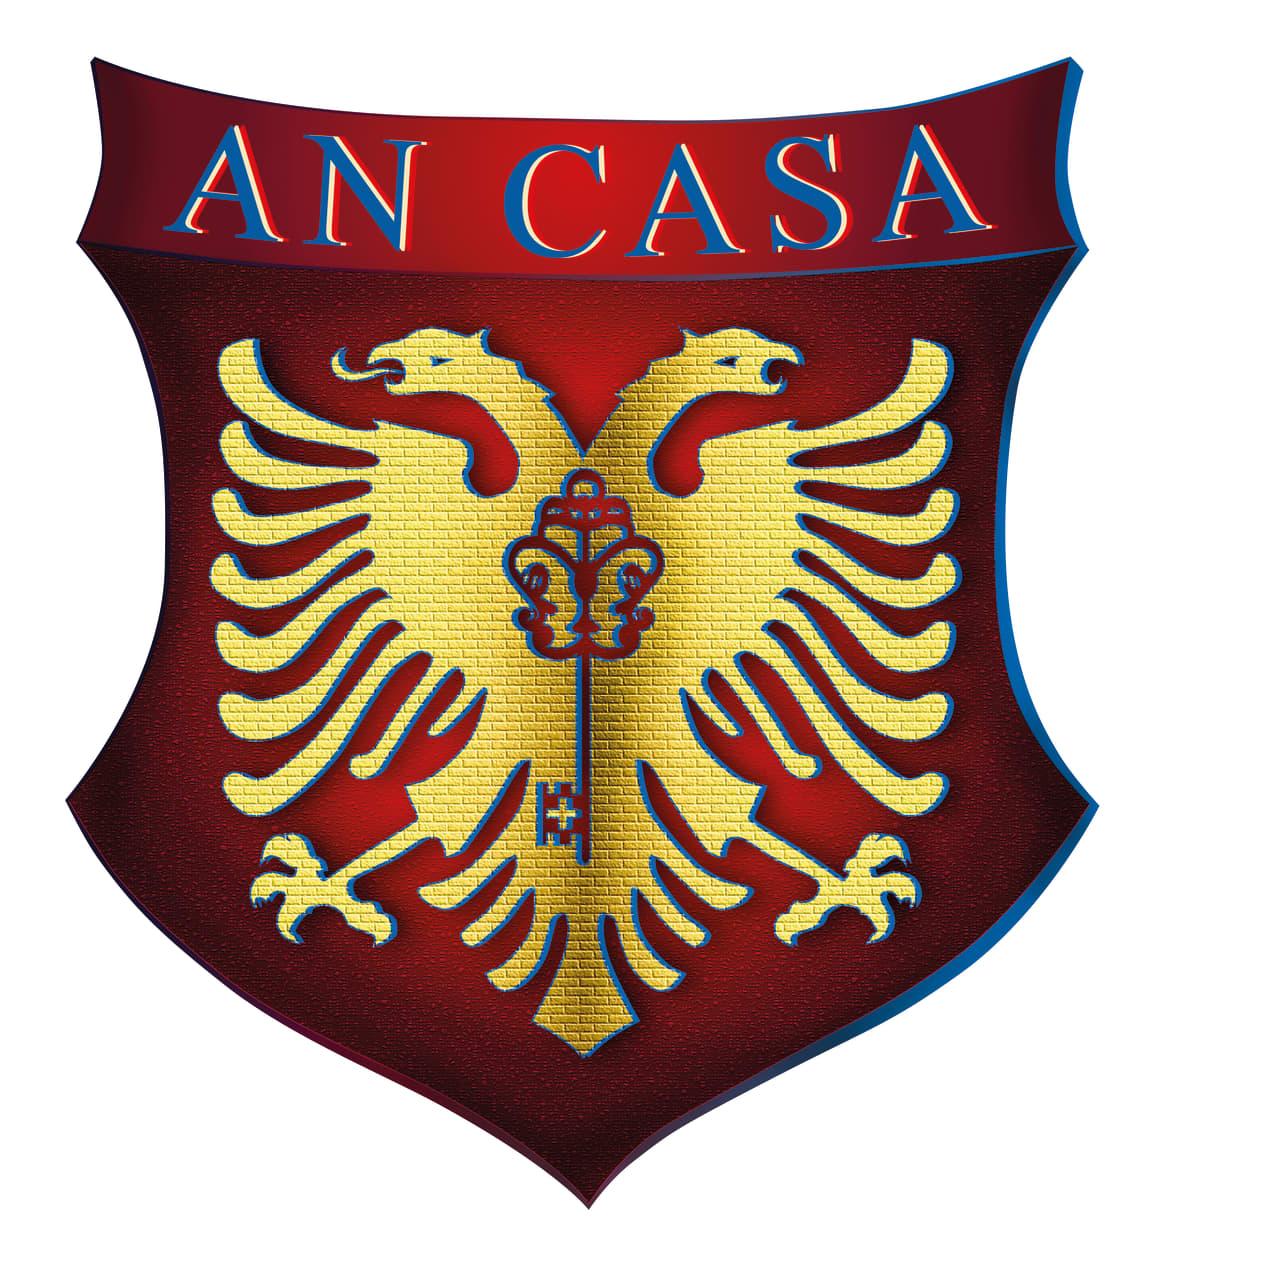 Es setzt sich aus meinem Namen und dem Italienischem Wort Haus zusammen,  ein Doppelkopf Adler mit einer Wand als Gefieder  und einem Schlüssel mit einer Kreuzprägung